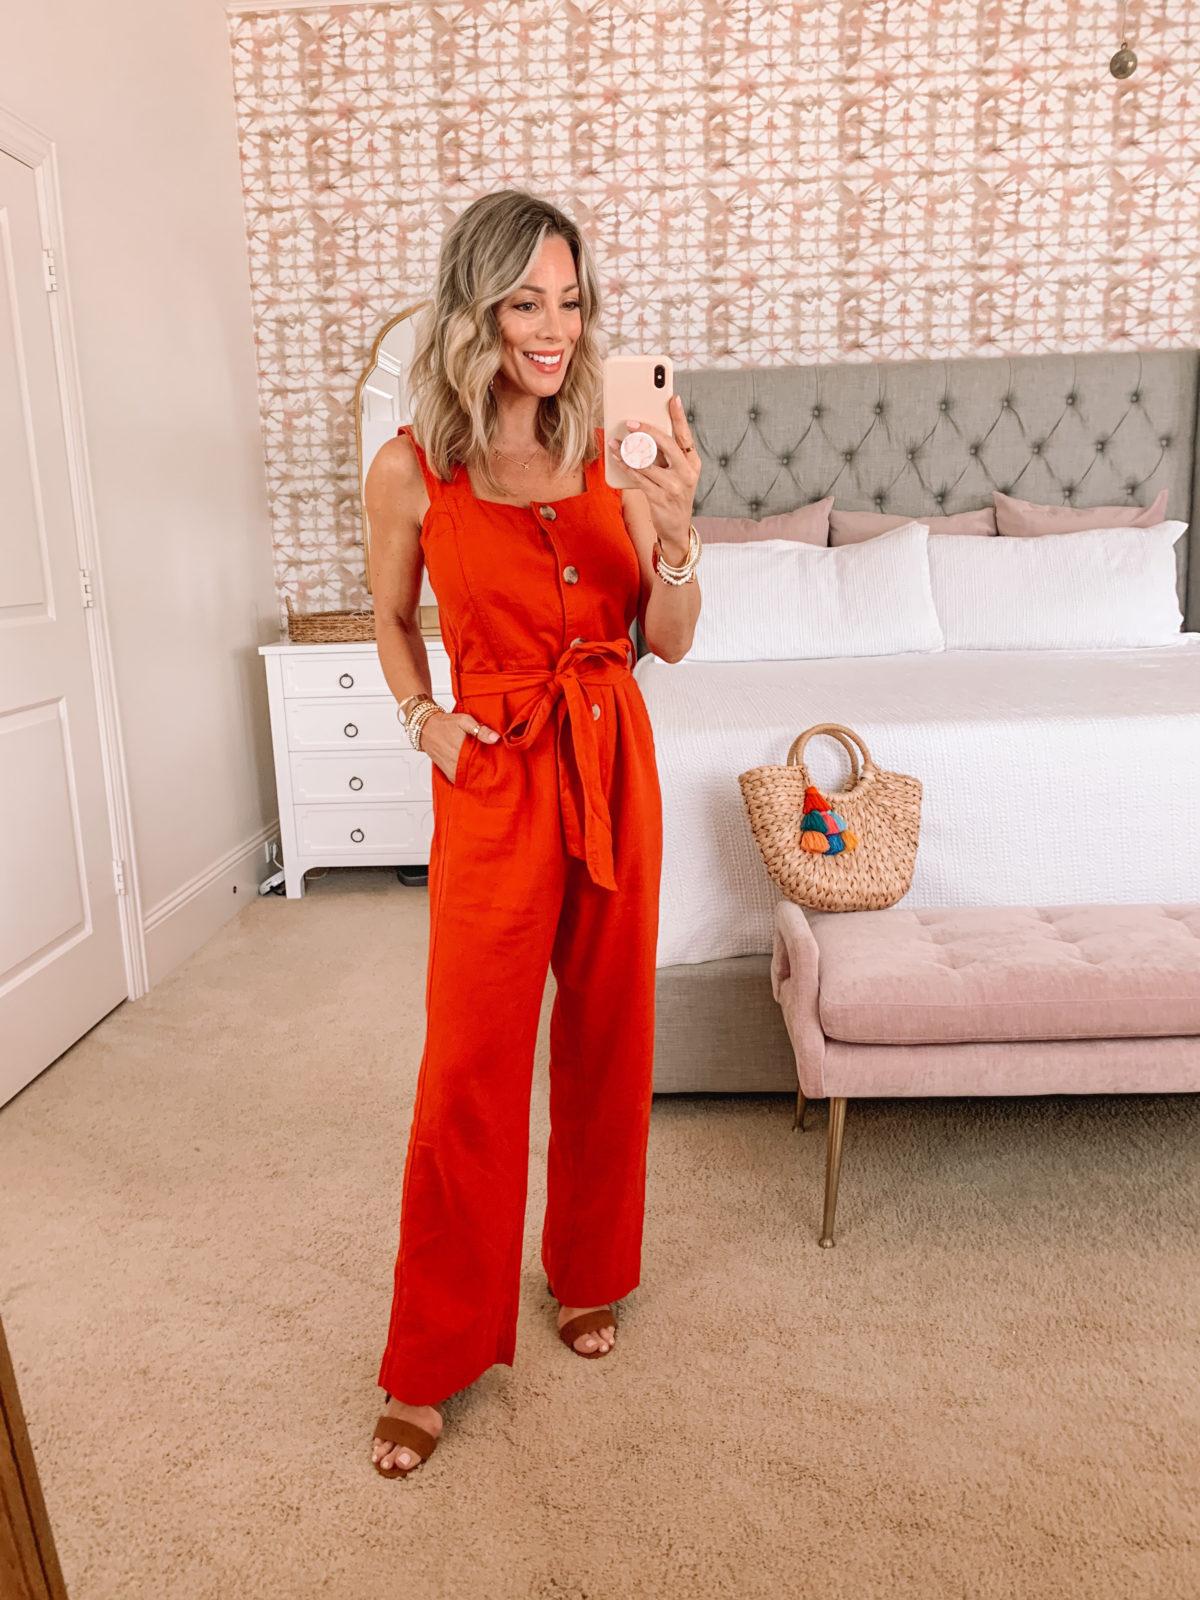 Dressing Room Finds, Orange Jumpsuit, Sandals